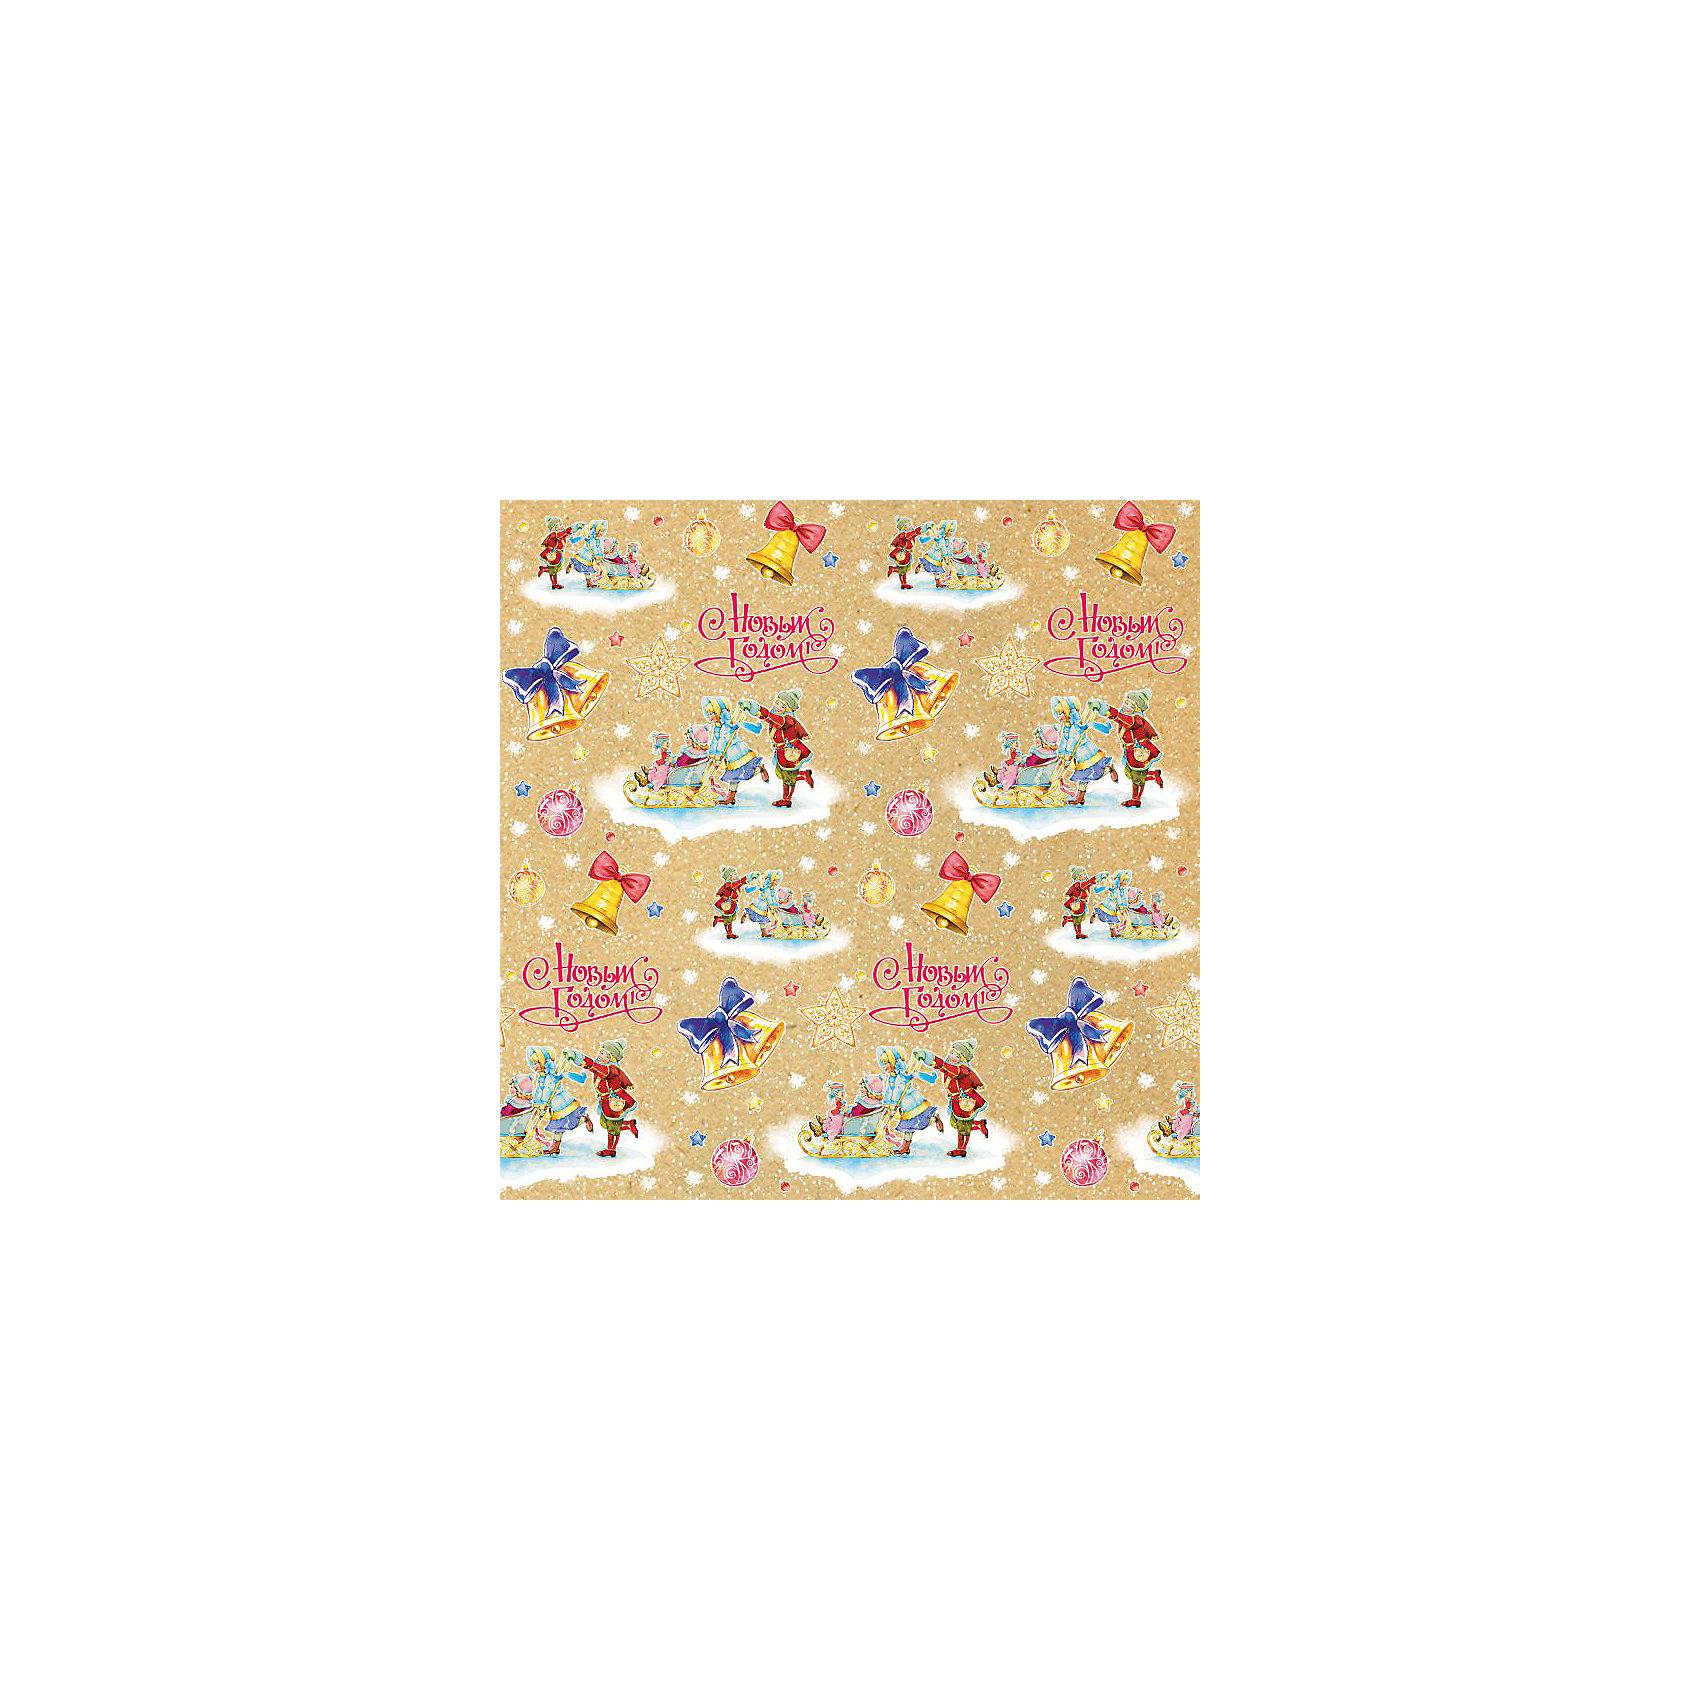 Крафт бумага Малыши на санках для сувенирной продукции от myToys